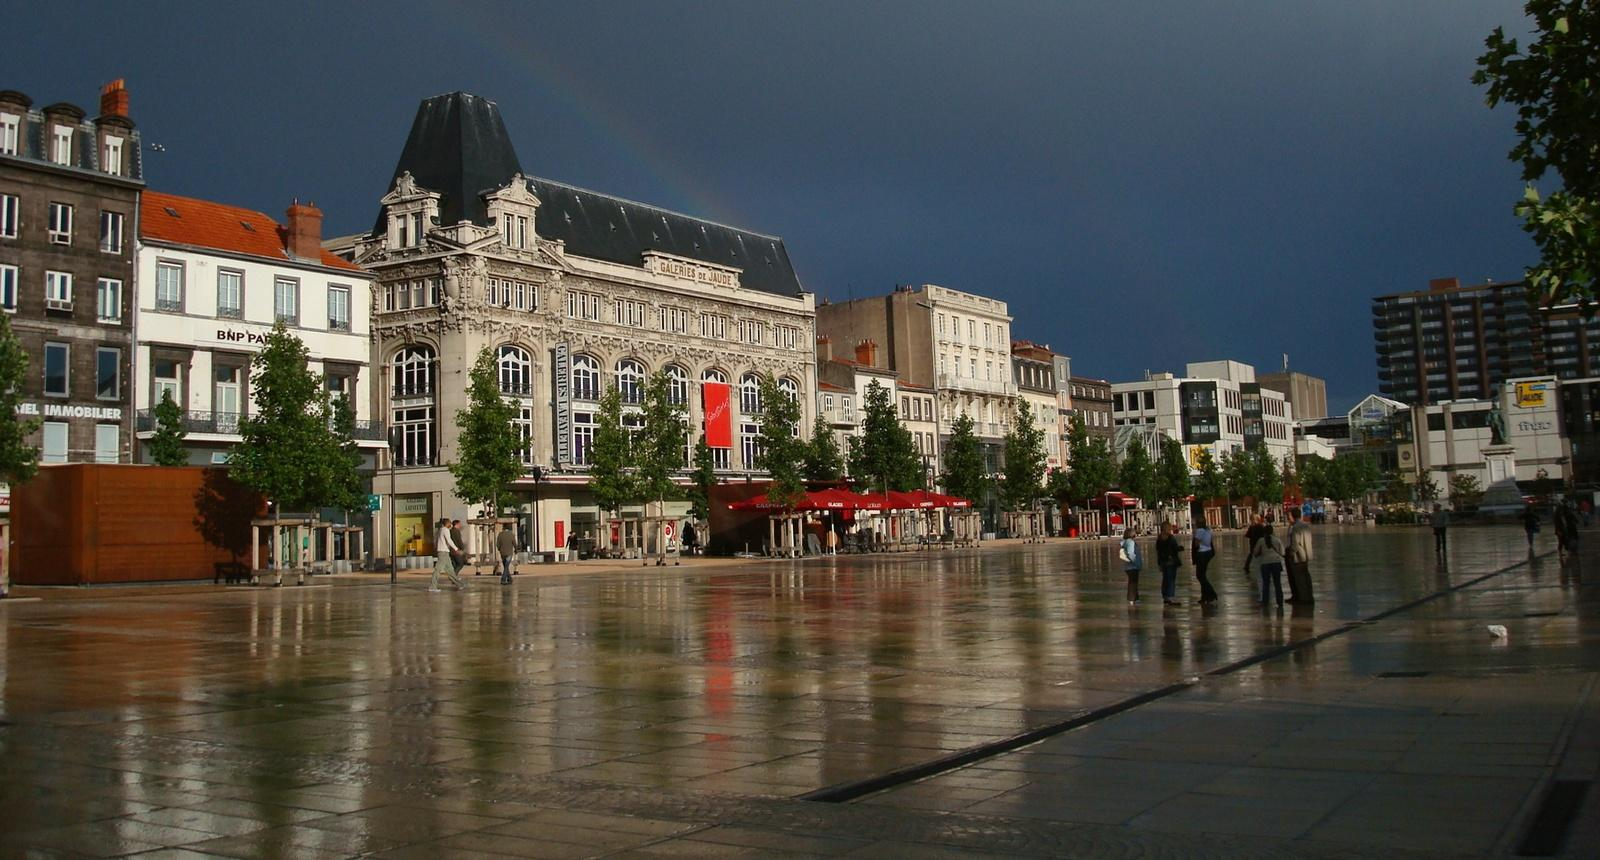 La Place de Jaude, Clermont-Ferrand